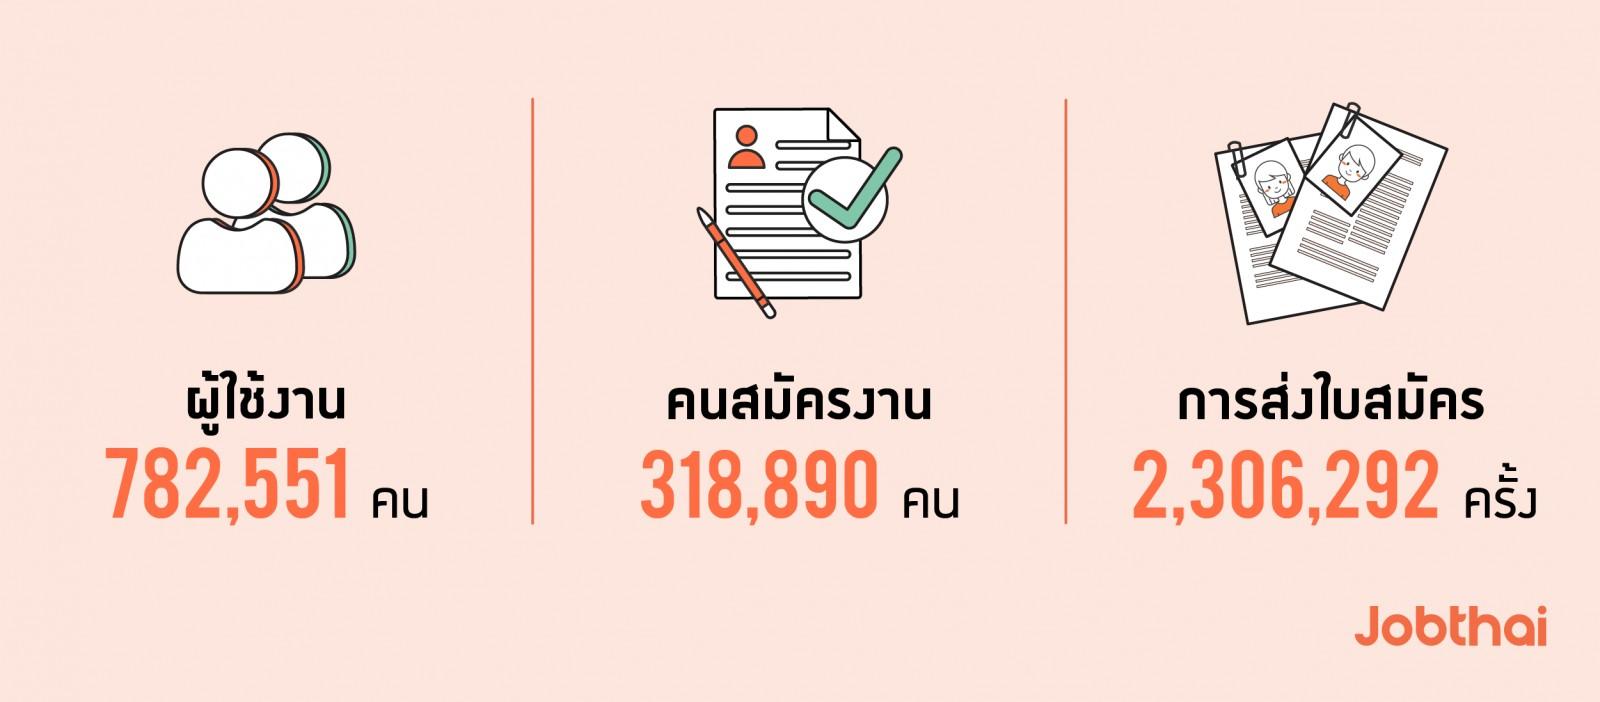 เจาะลึกพฤติกรรมการใช้งาน JobThai Mobile Application ช่วง 6 เดือนแรกของปี 2562  ภาพรวม